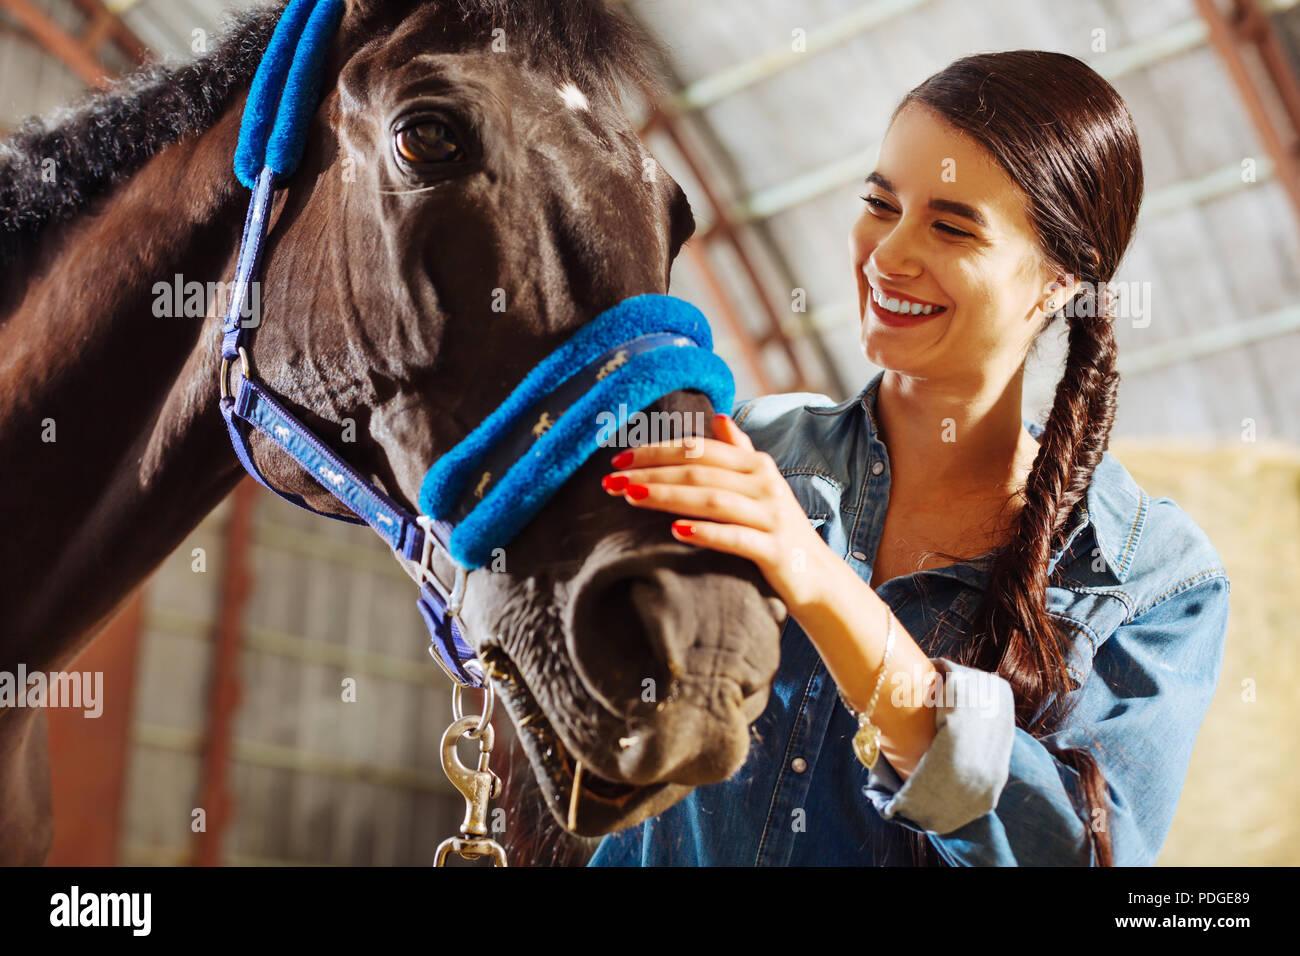 Bella donna con chiodi rossi sorridente largamente guardando a cavallo Immagini Stock